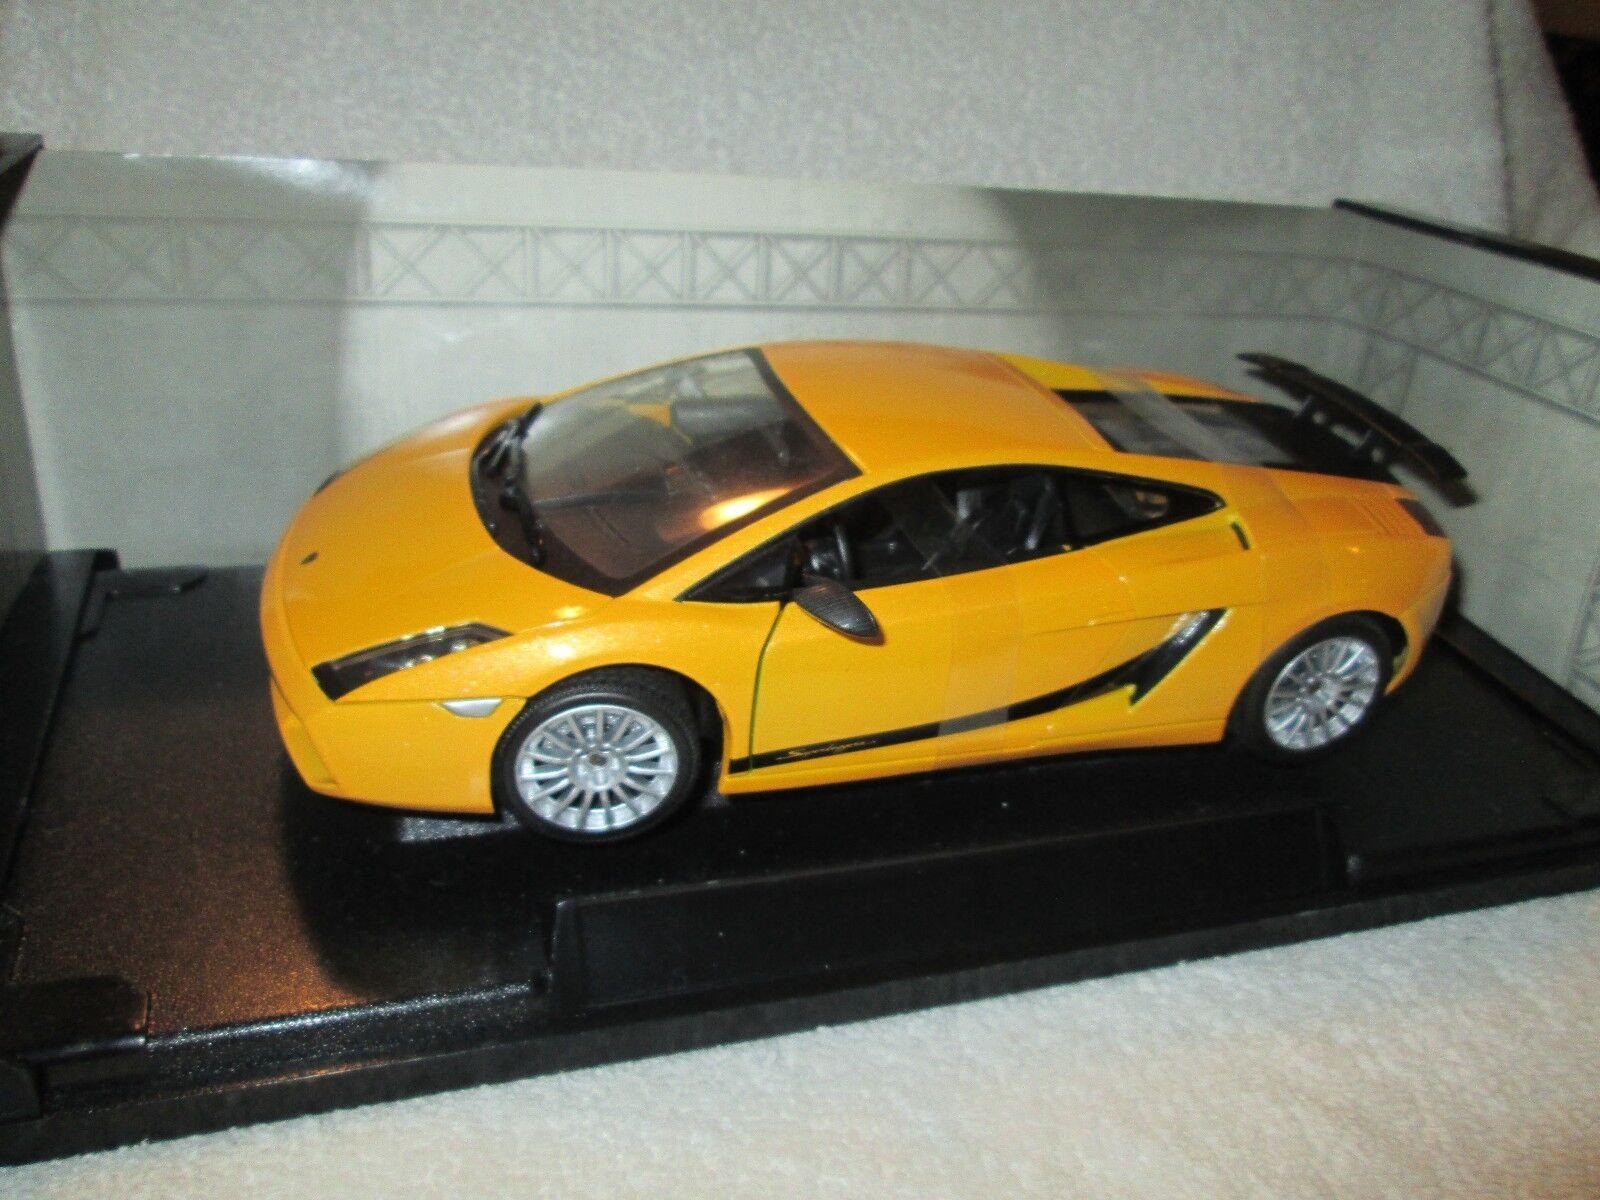 Lamborgini Gallardo Superleggera giallo 1 18 de Metal